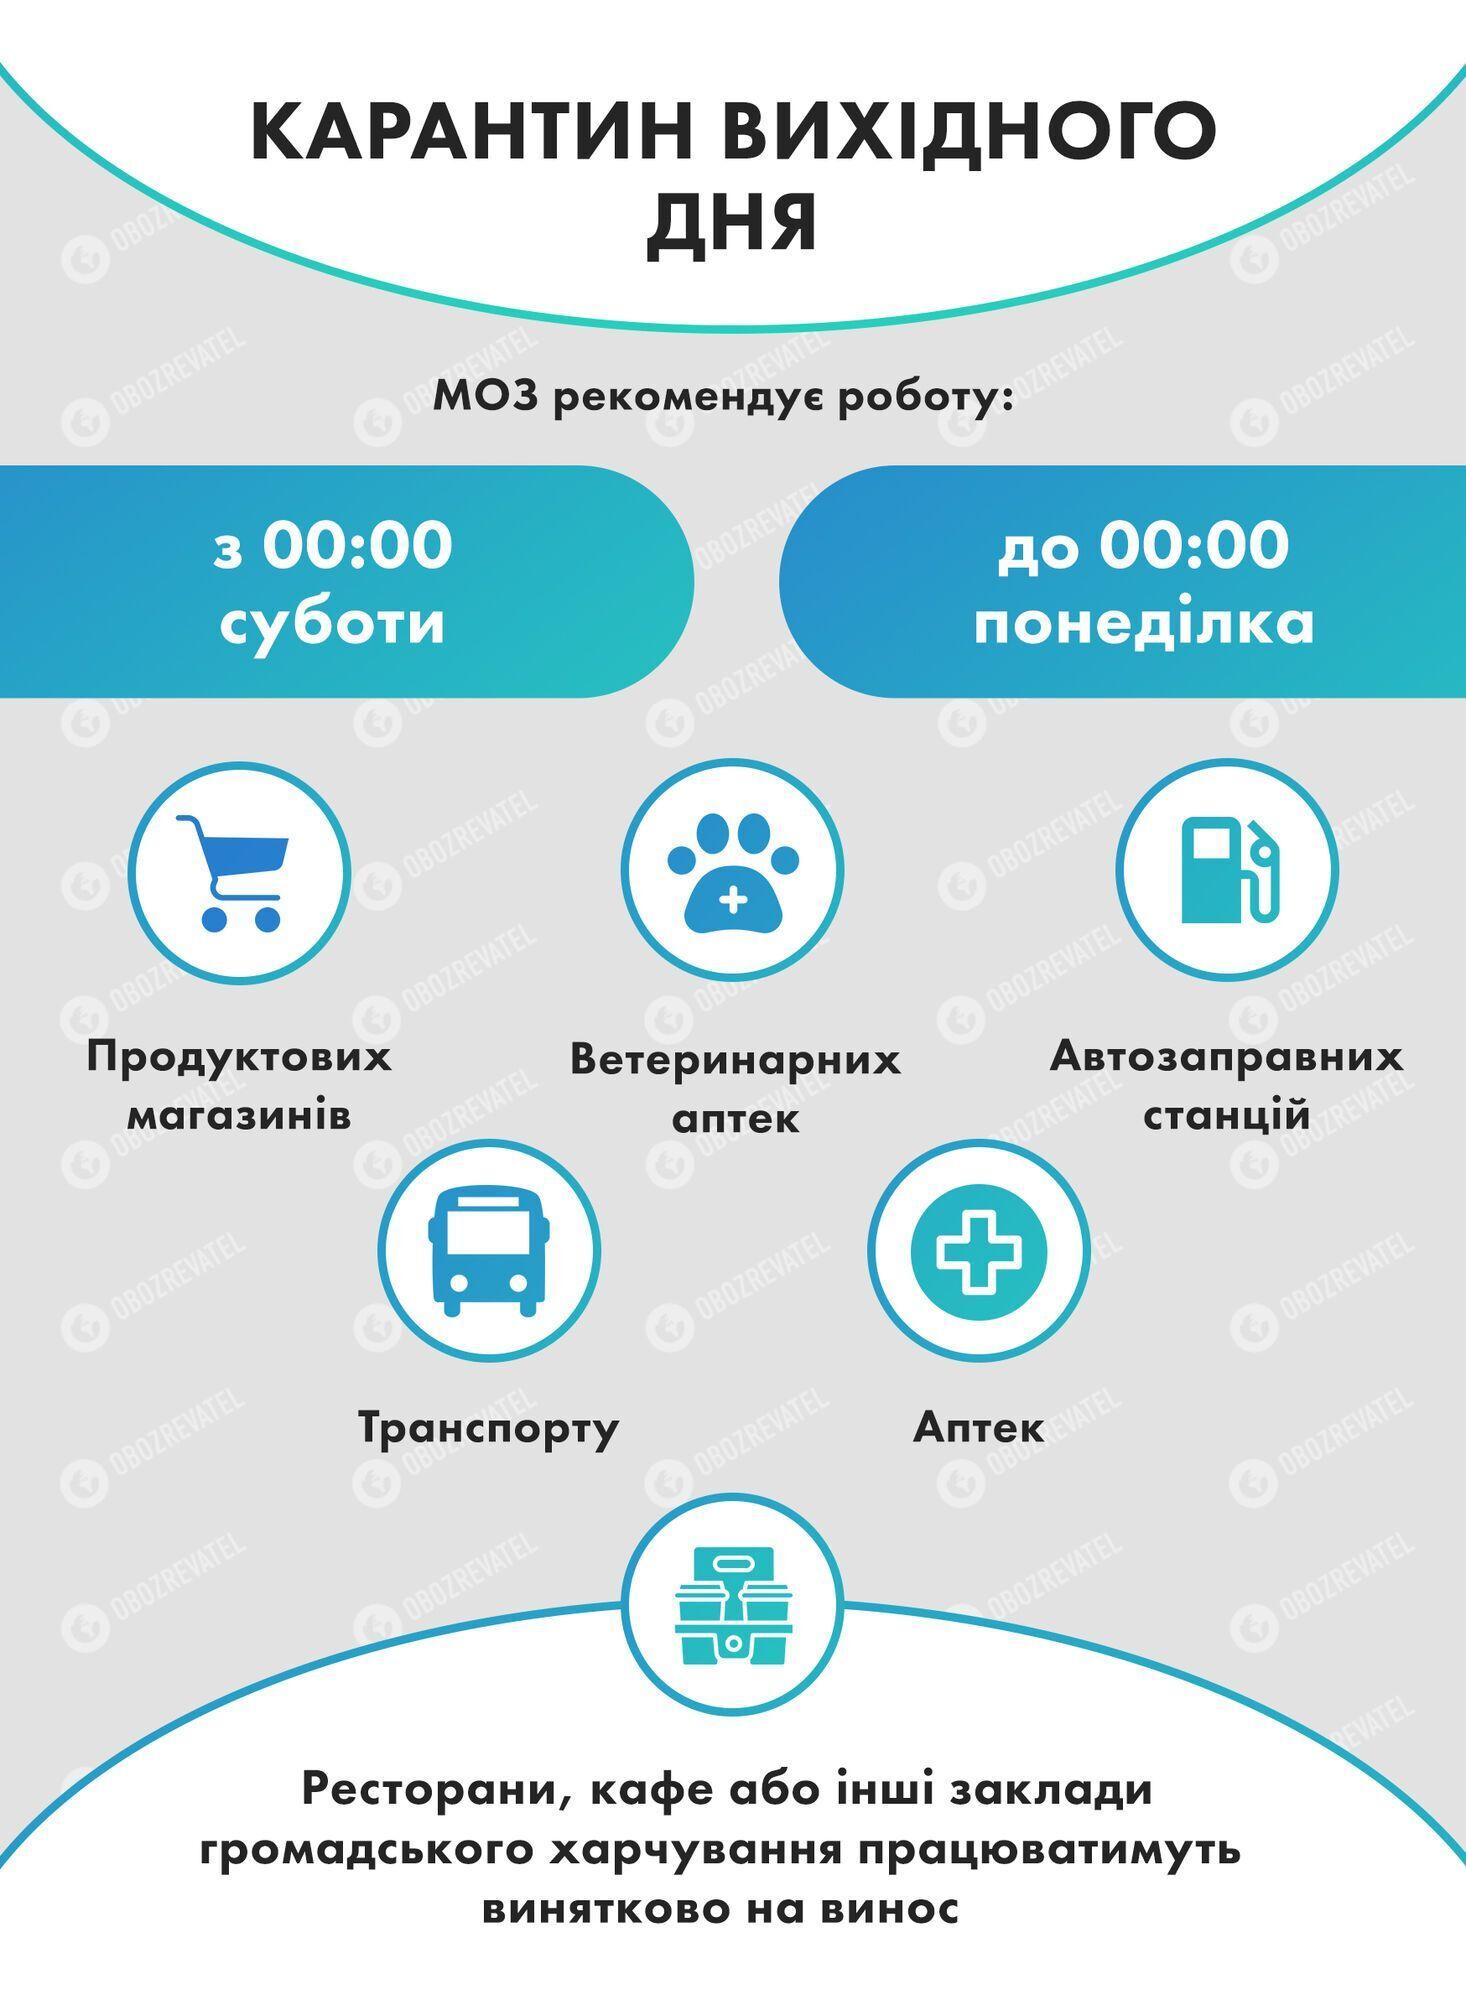 Пояснение по карантину выходного дня в Украине